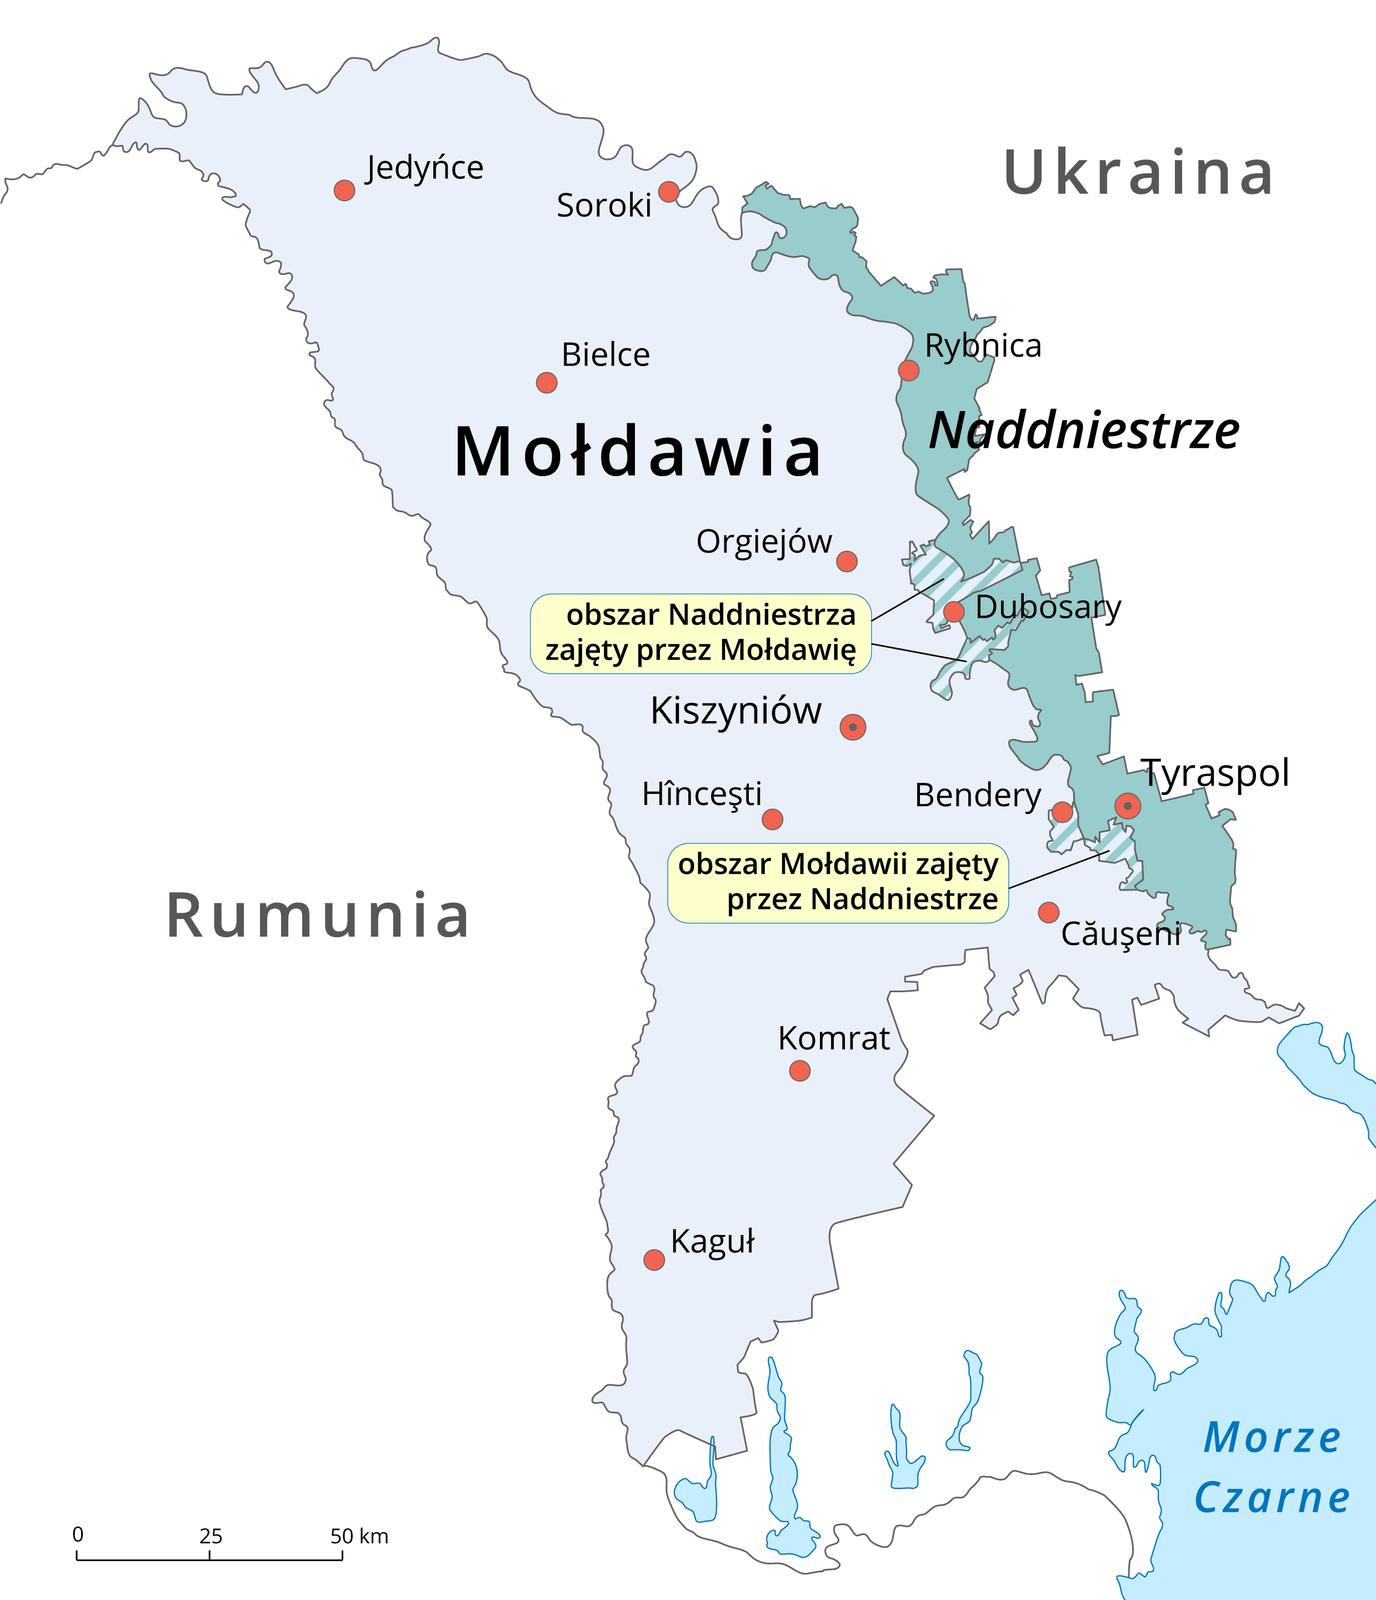 Na ilustracji mapa polityczna. Mołdawia oznaczona kolorem niebieskim, od wschodu graniczące znią Naddniestrze oznaczone kolorem turkusowym. Na granicy Mołdawii iNaddniestrza dwa obszary kreskowane. Wyżej obszar Naddniestrza zajęty przez Mołdawię, niżej obszar Mołdawii zajęty przez Naddniestrze. Od zachodu Mołdawii – Rumunia, od wschodu Naddniestrza – Ukraina.